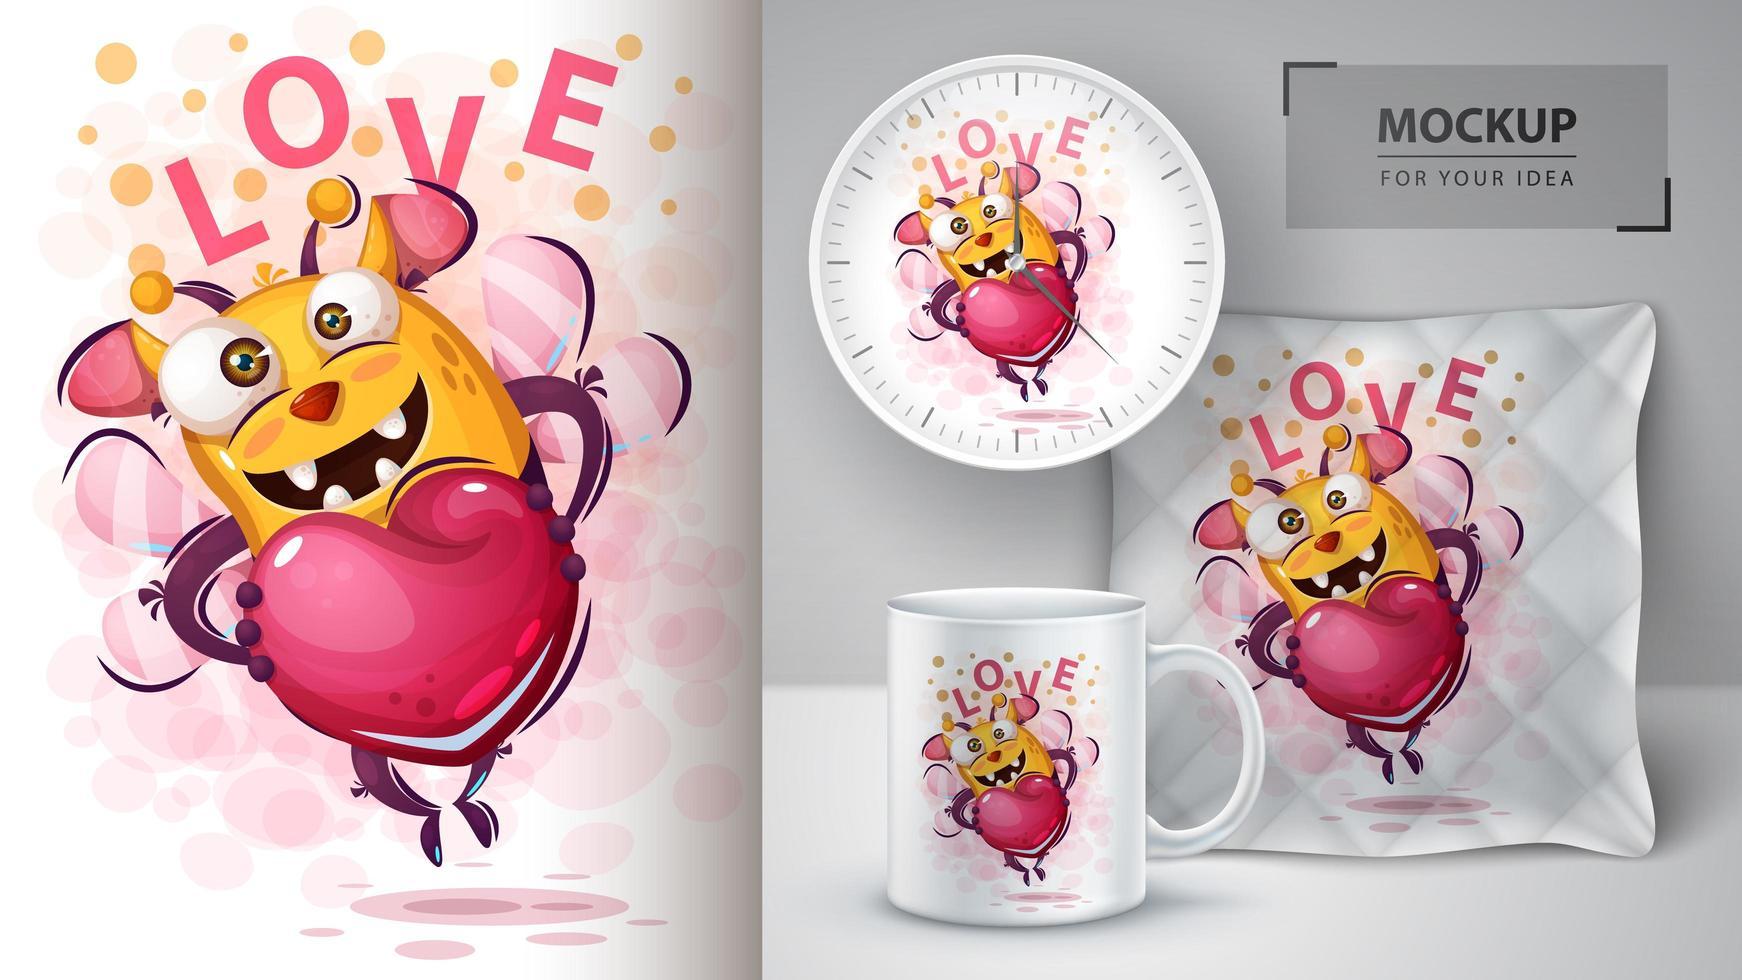 süße Liebesbiene mit Herz vektor